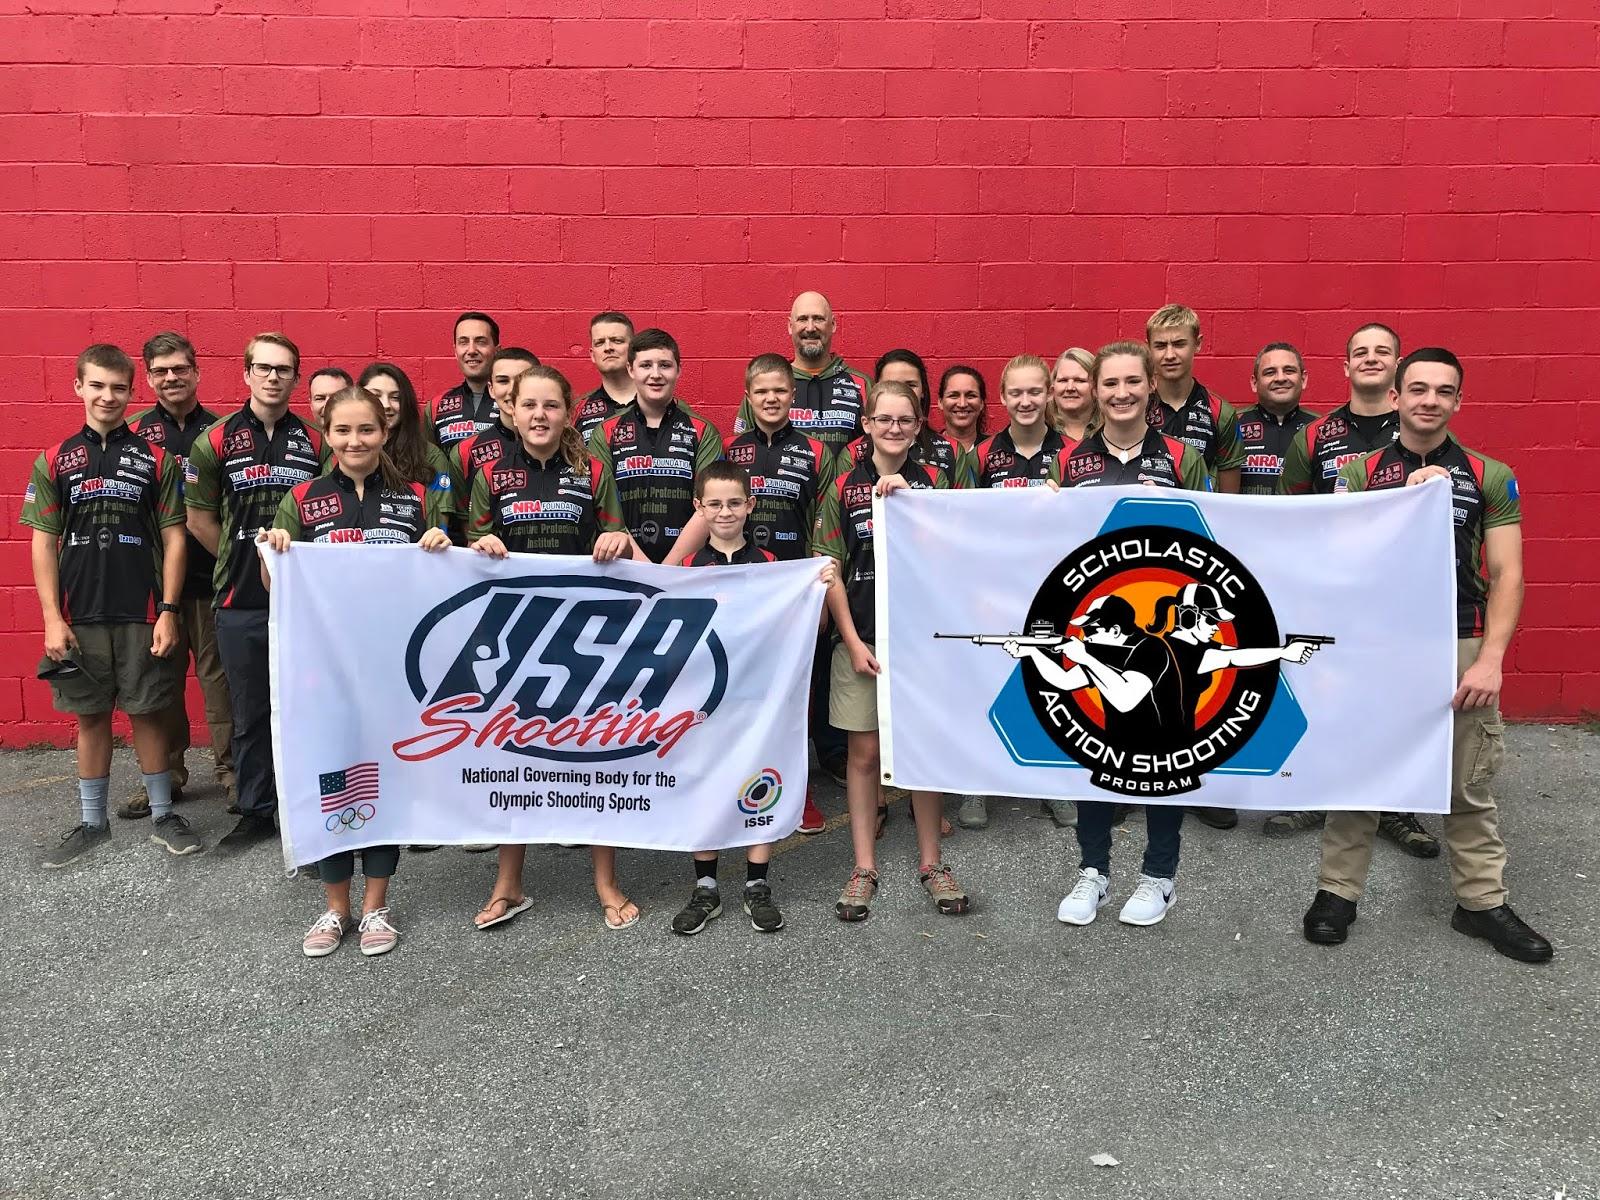 VSSA | Virginia Shooting Sports Association